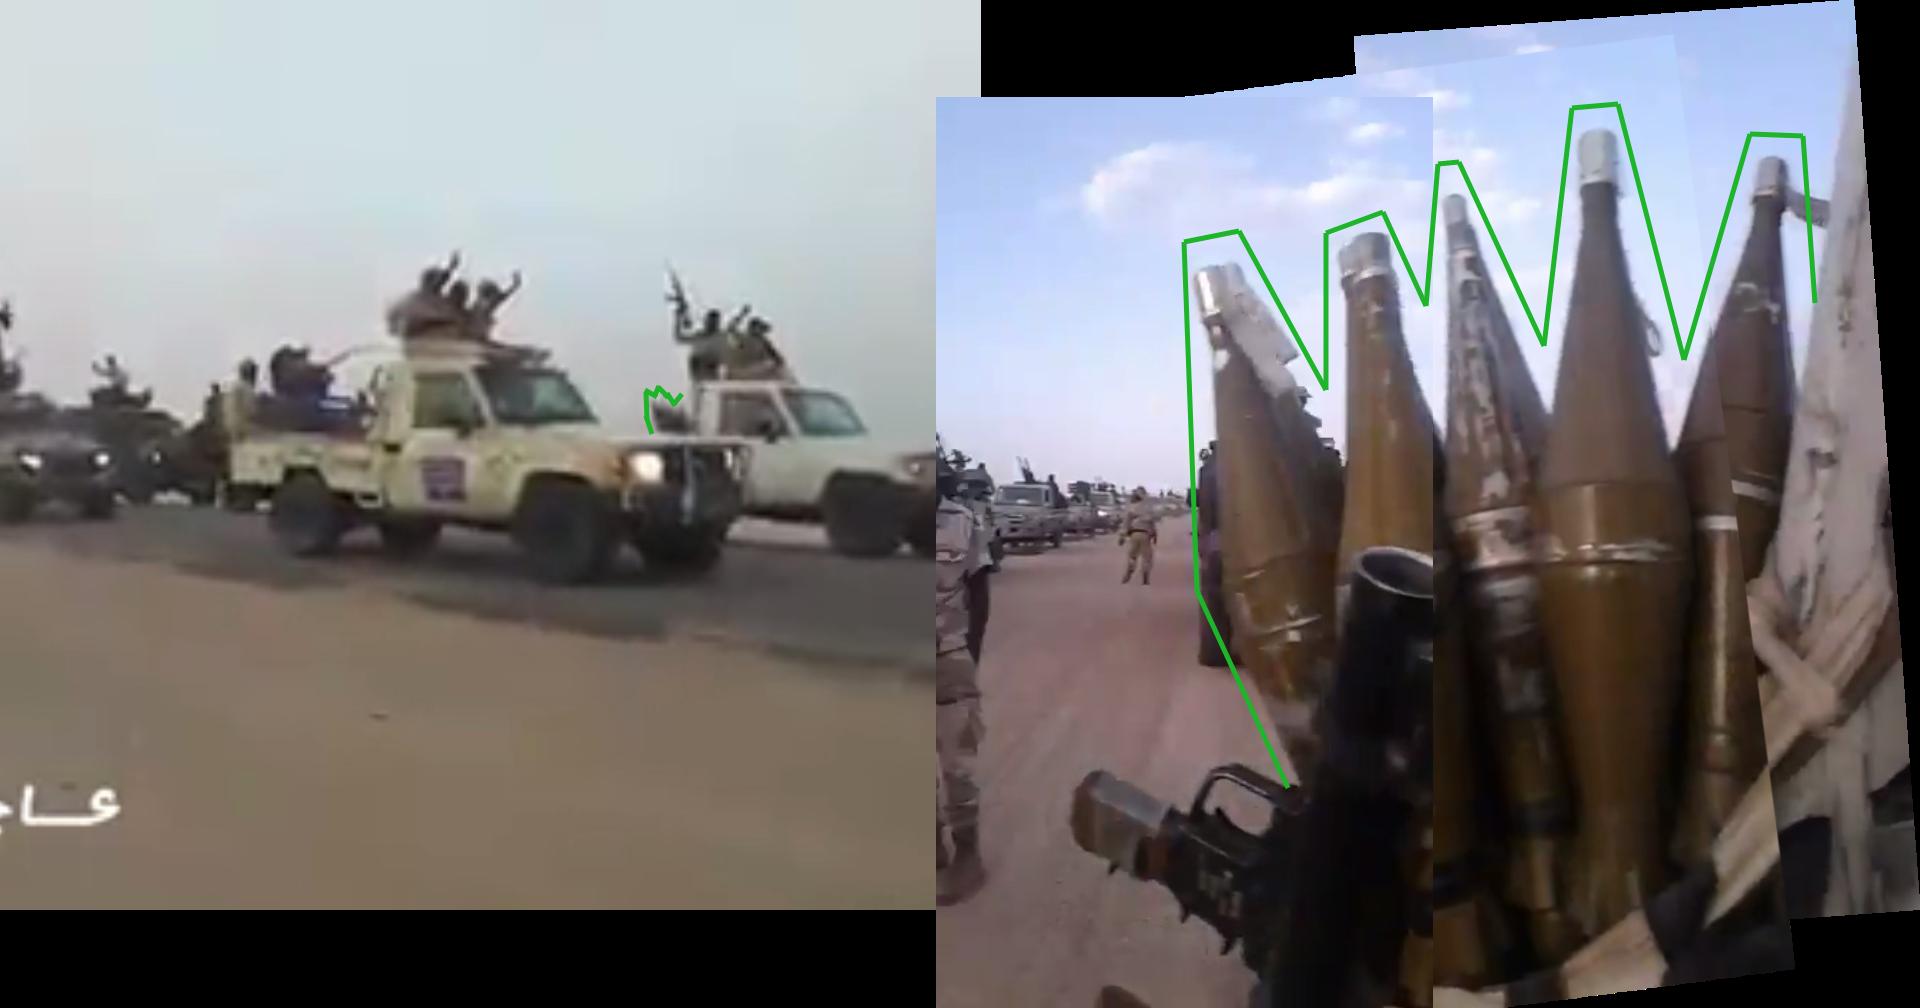 Captures d'écran de la vidéo de 2017, à gauche, et de celle ayant circulé récemment à droite.